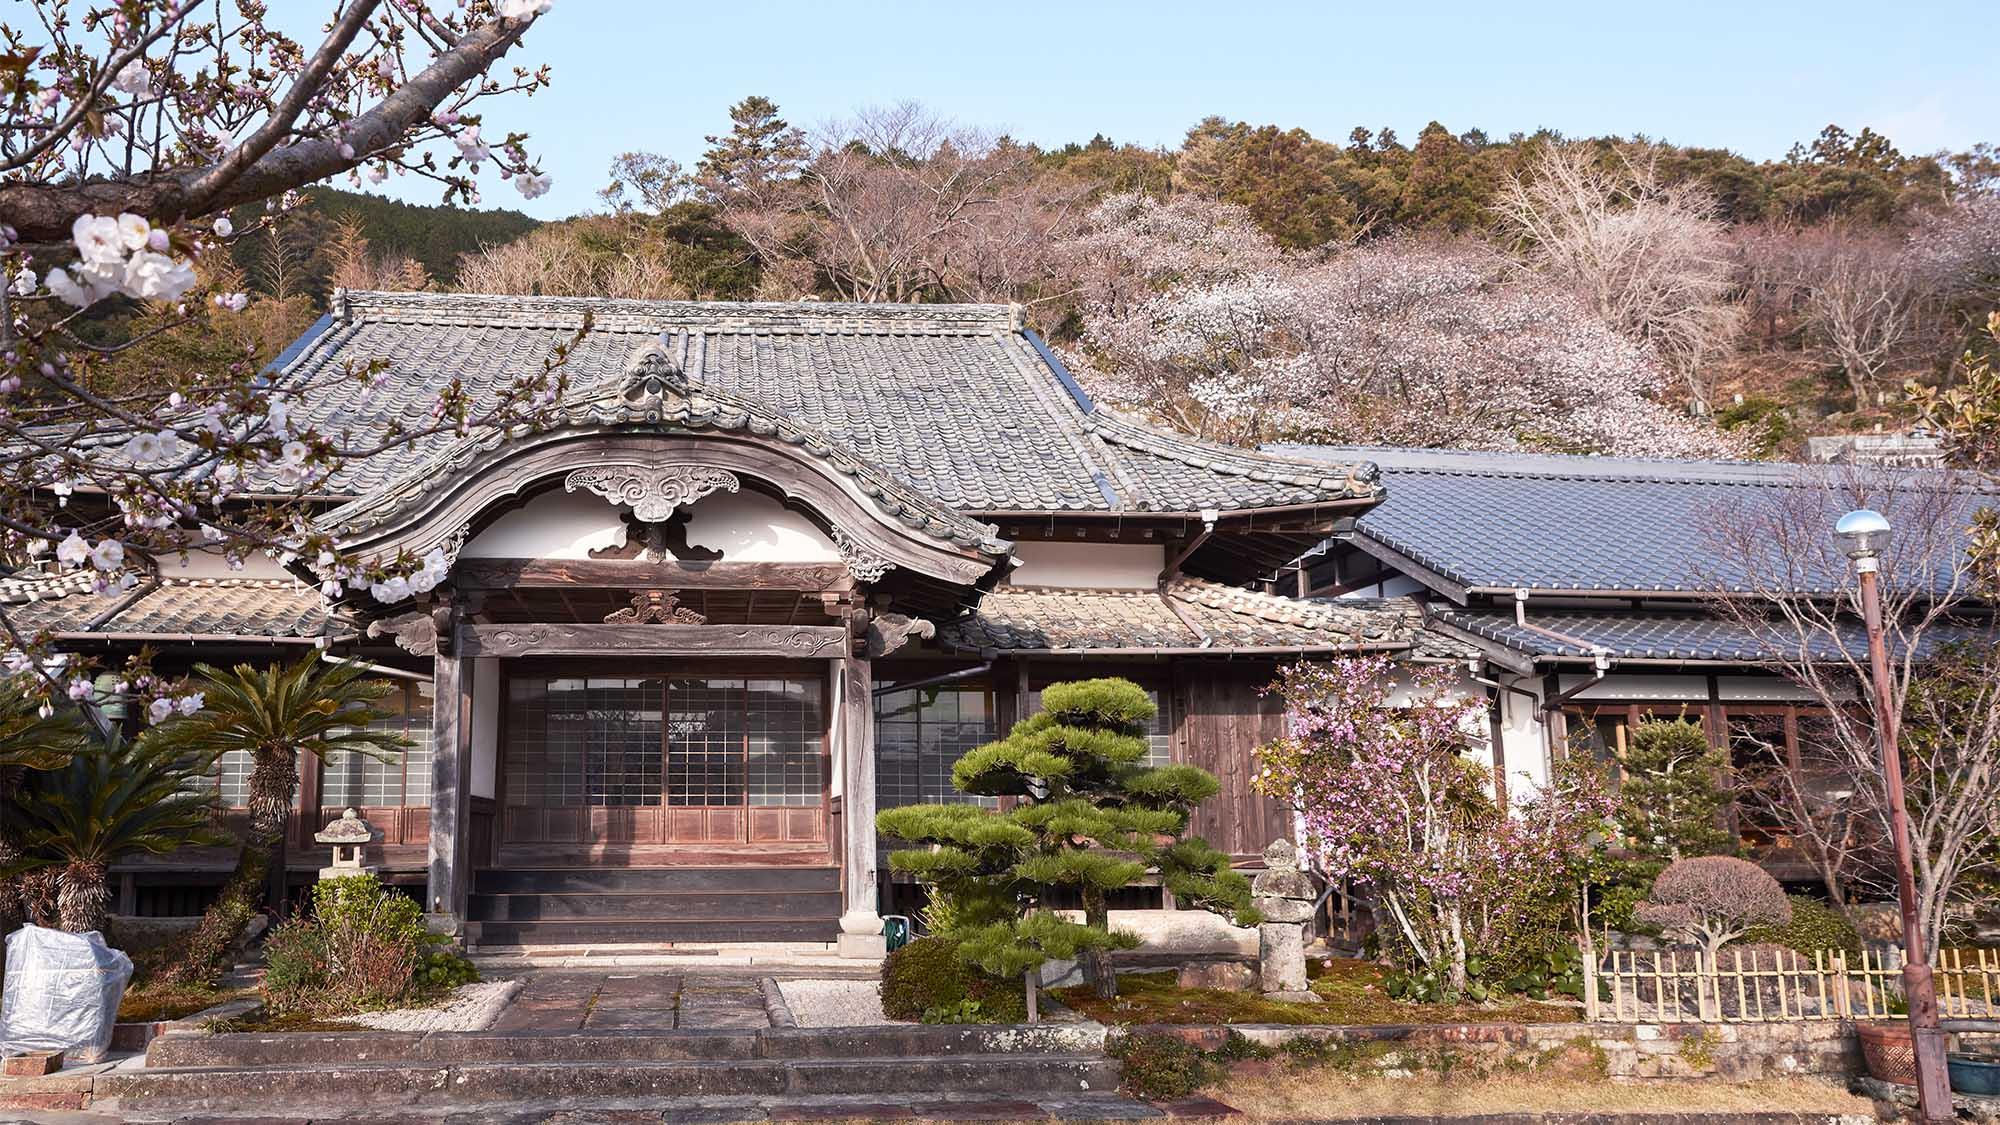 宿坊対馬西山寺の施設画像